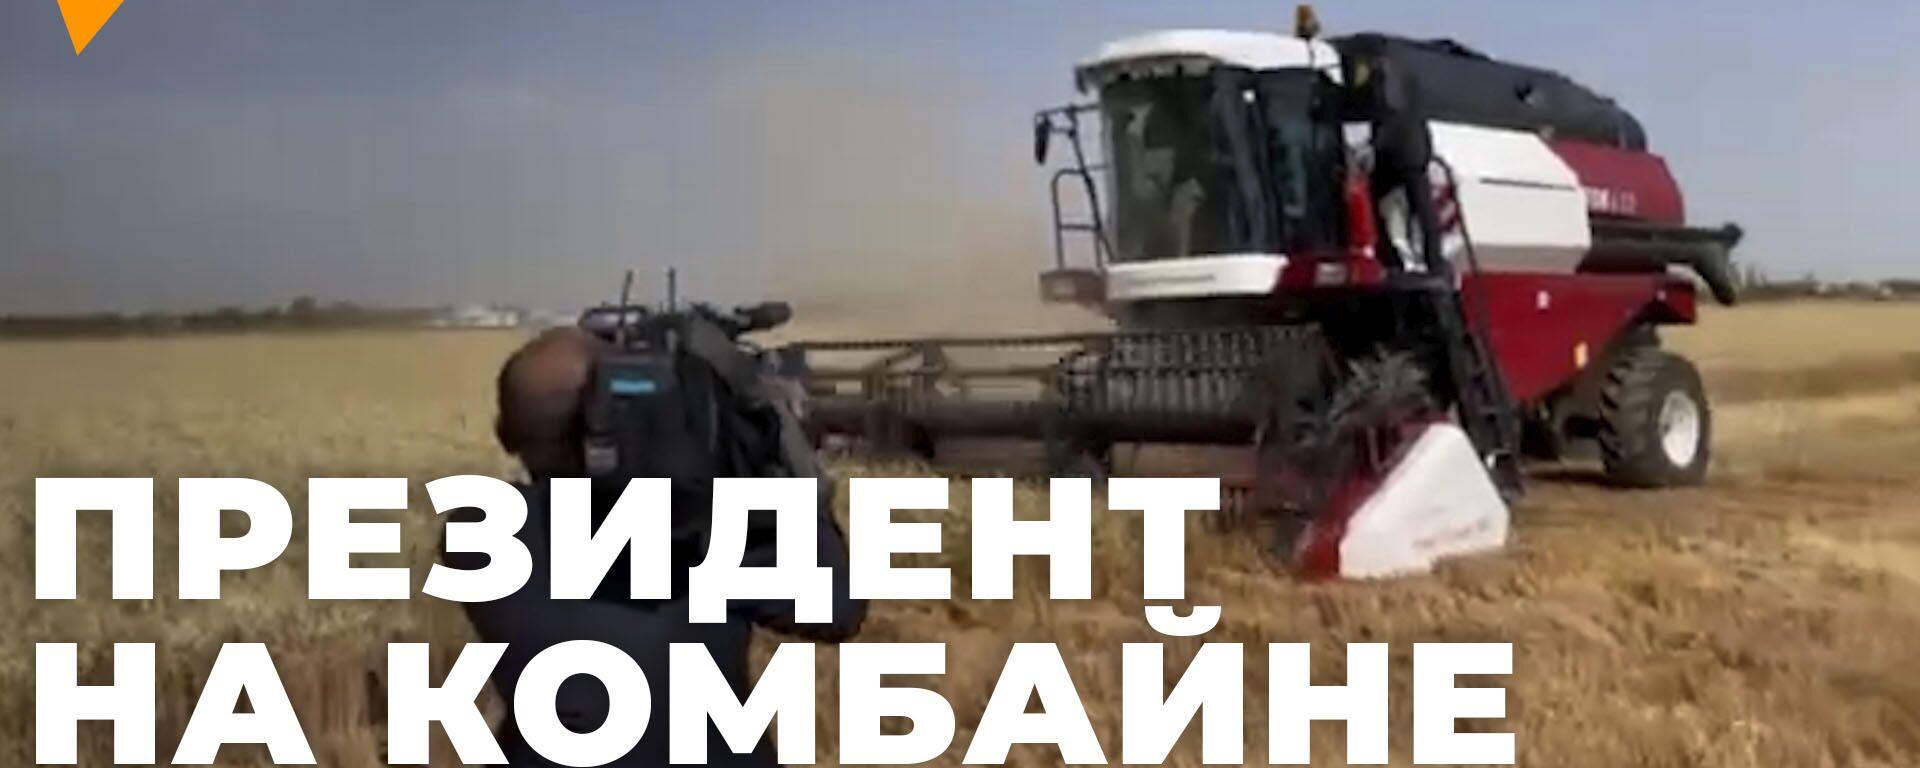 Шавкат Мирзиёев сел за руль российского комбайна - Sputnik Узбекистан, 1920, 02.06.2021